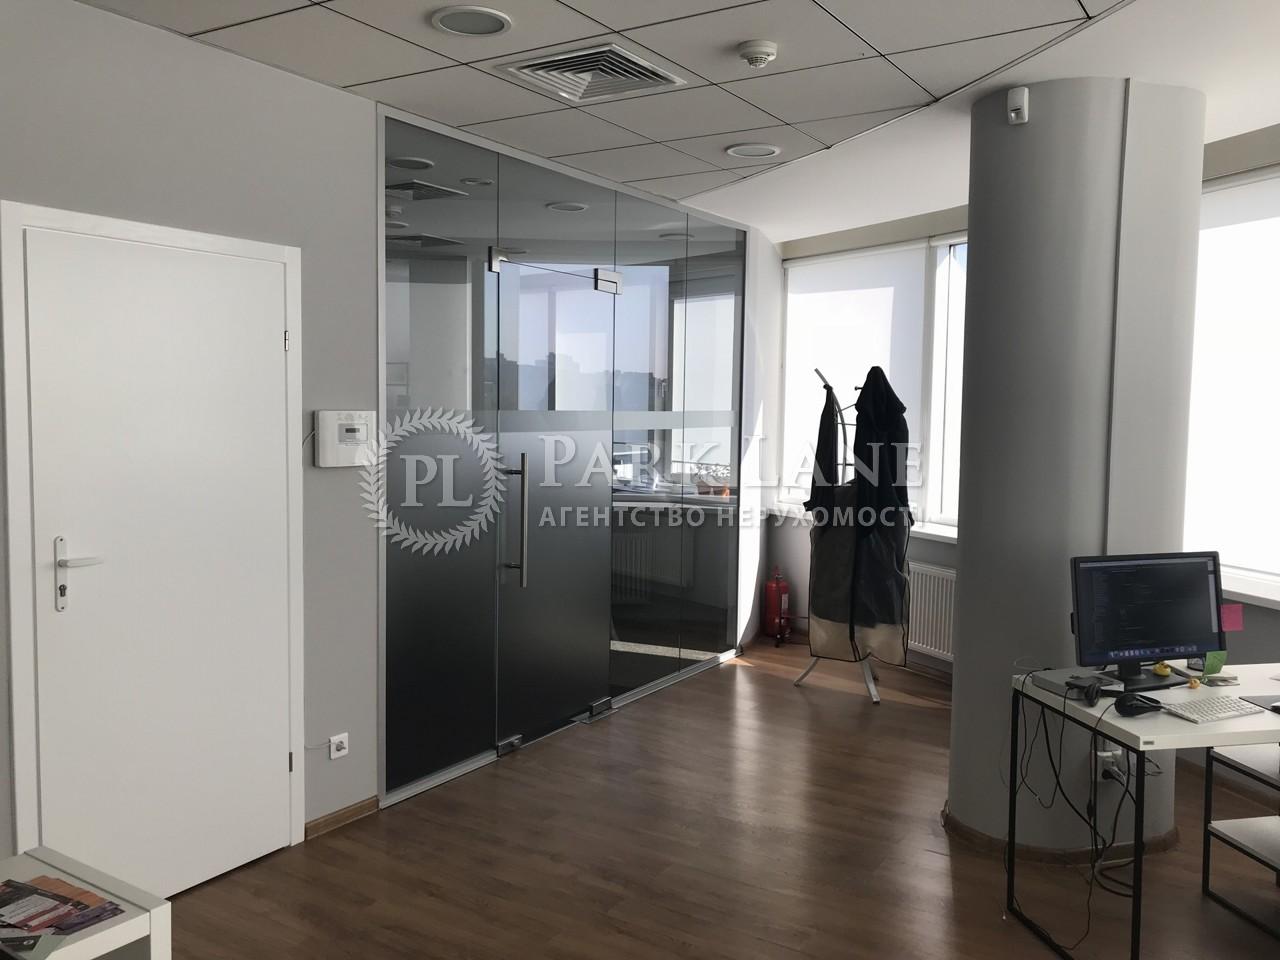 Офис, ул. Сверстюка Евгения (Расковой Марины), Киев, H-45469 - Фото 5